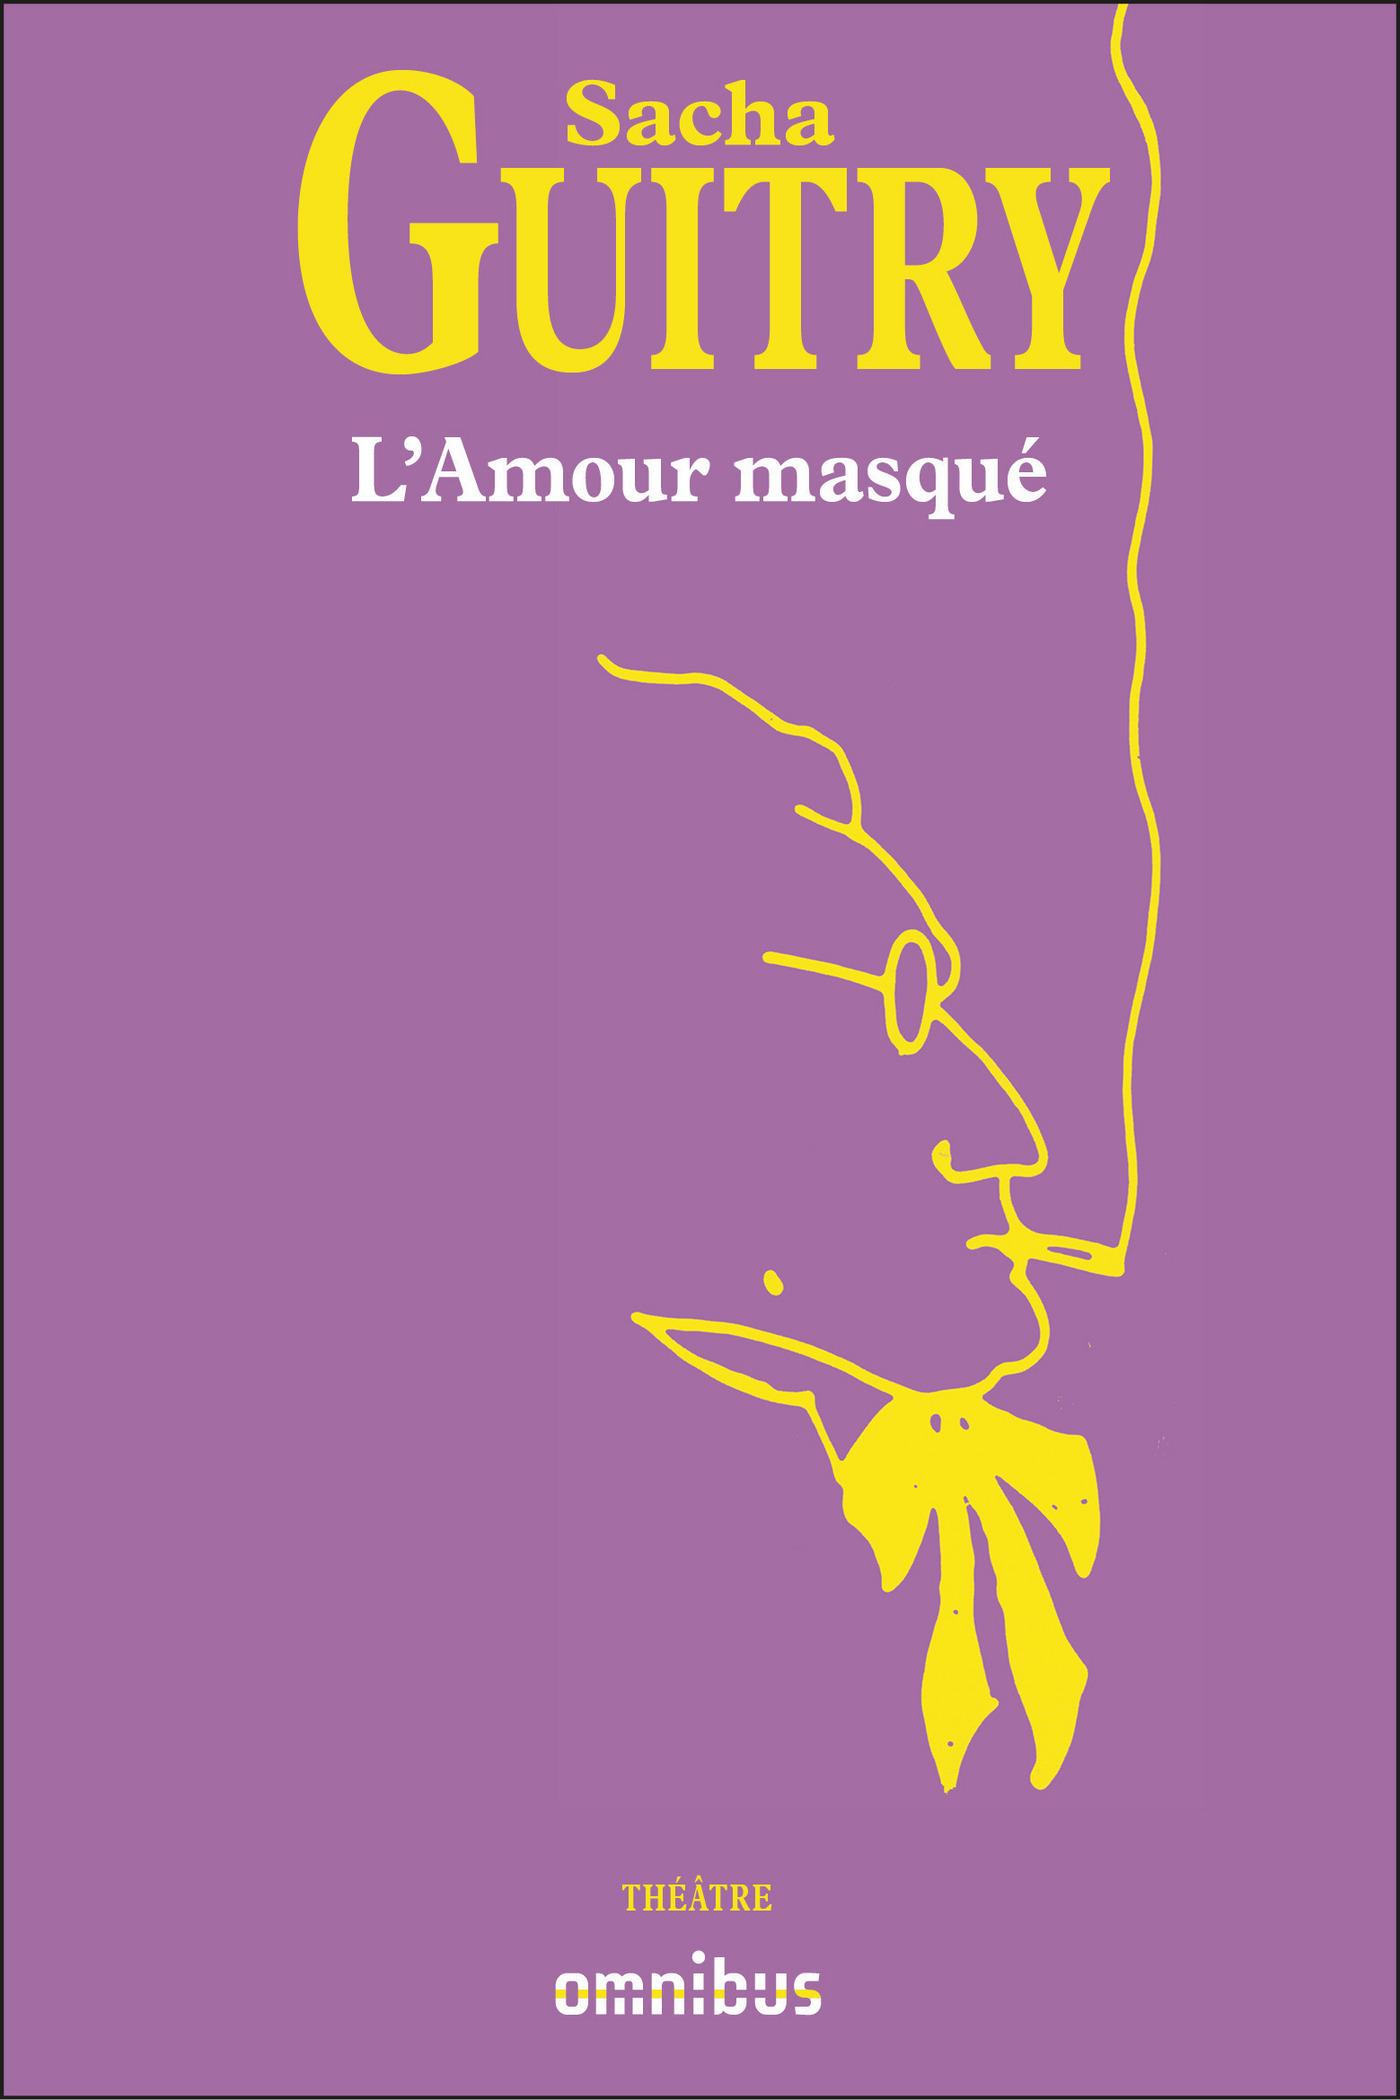 L'Amour masqué